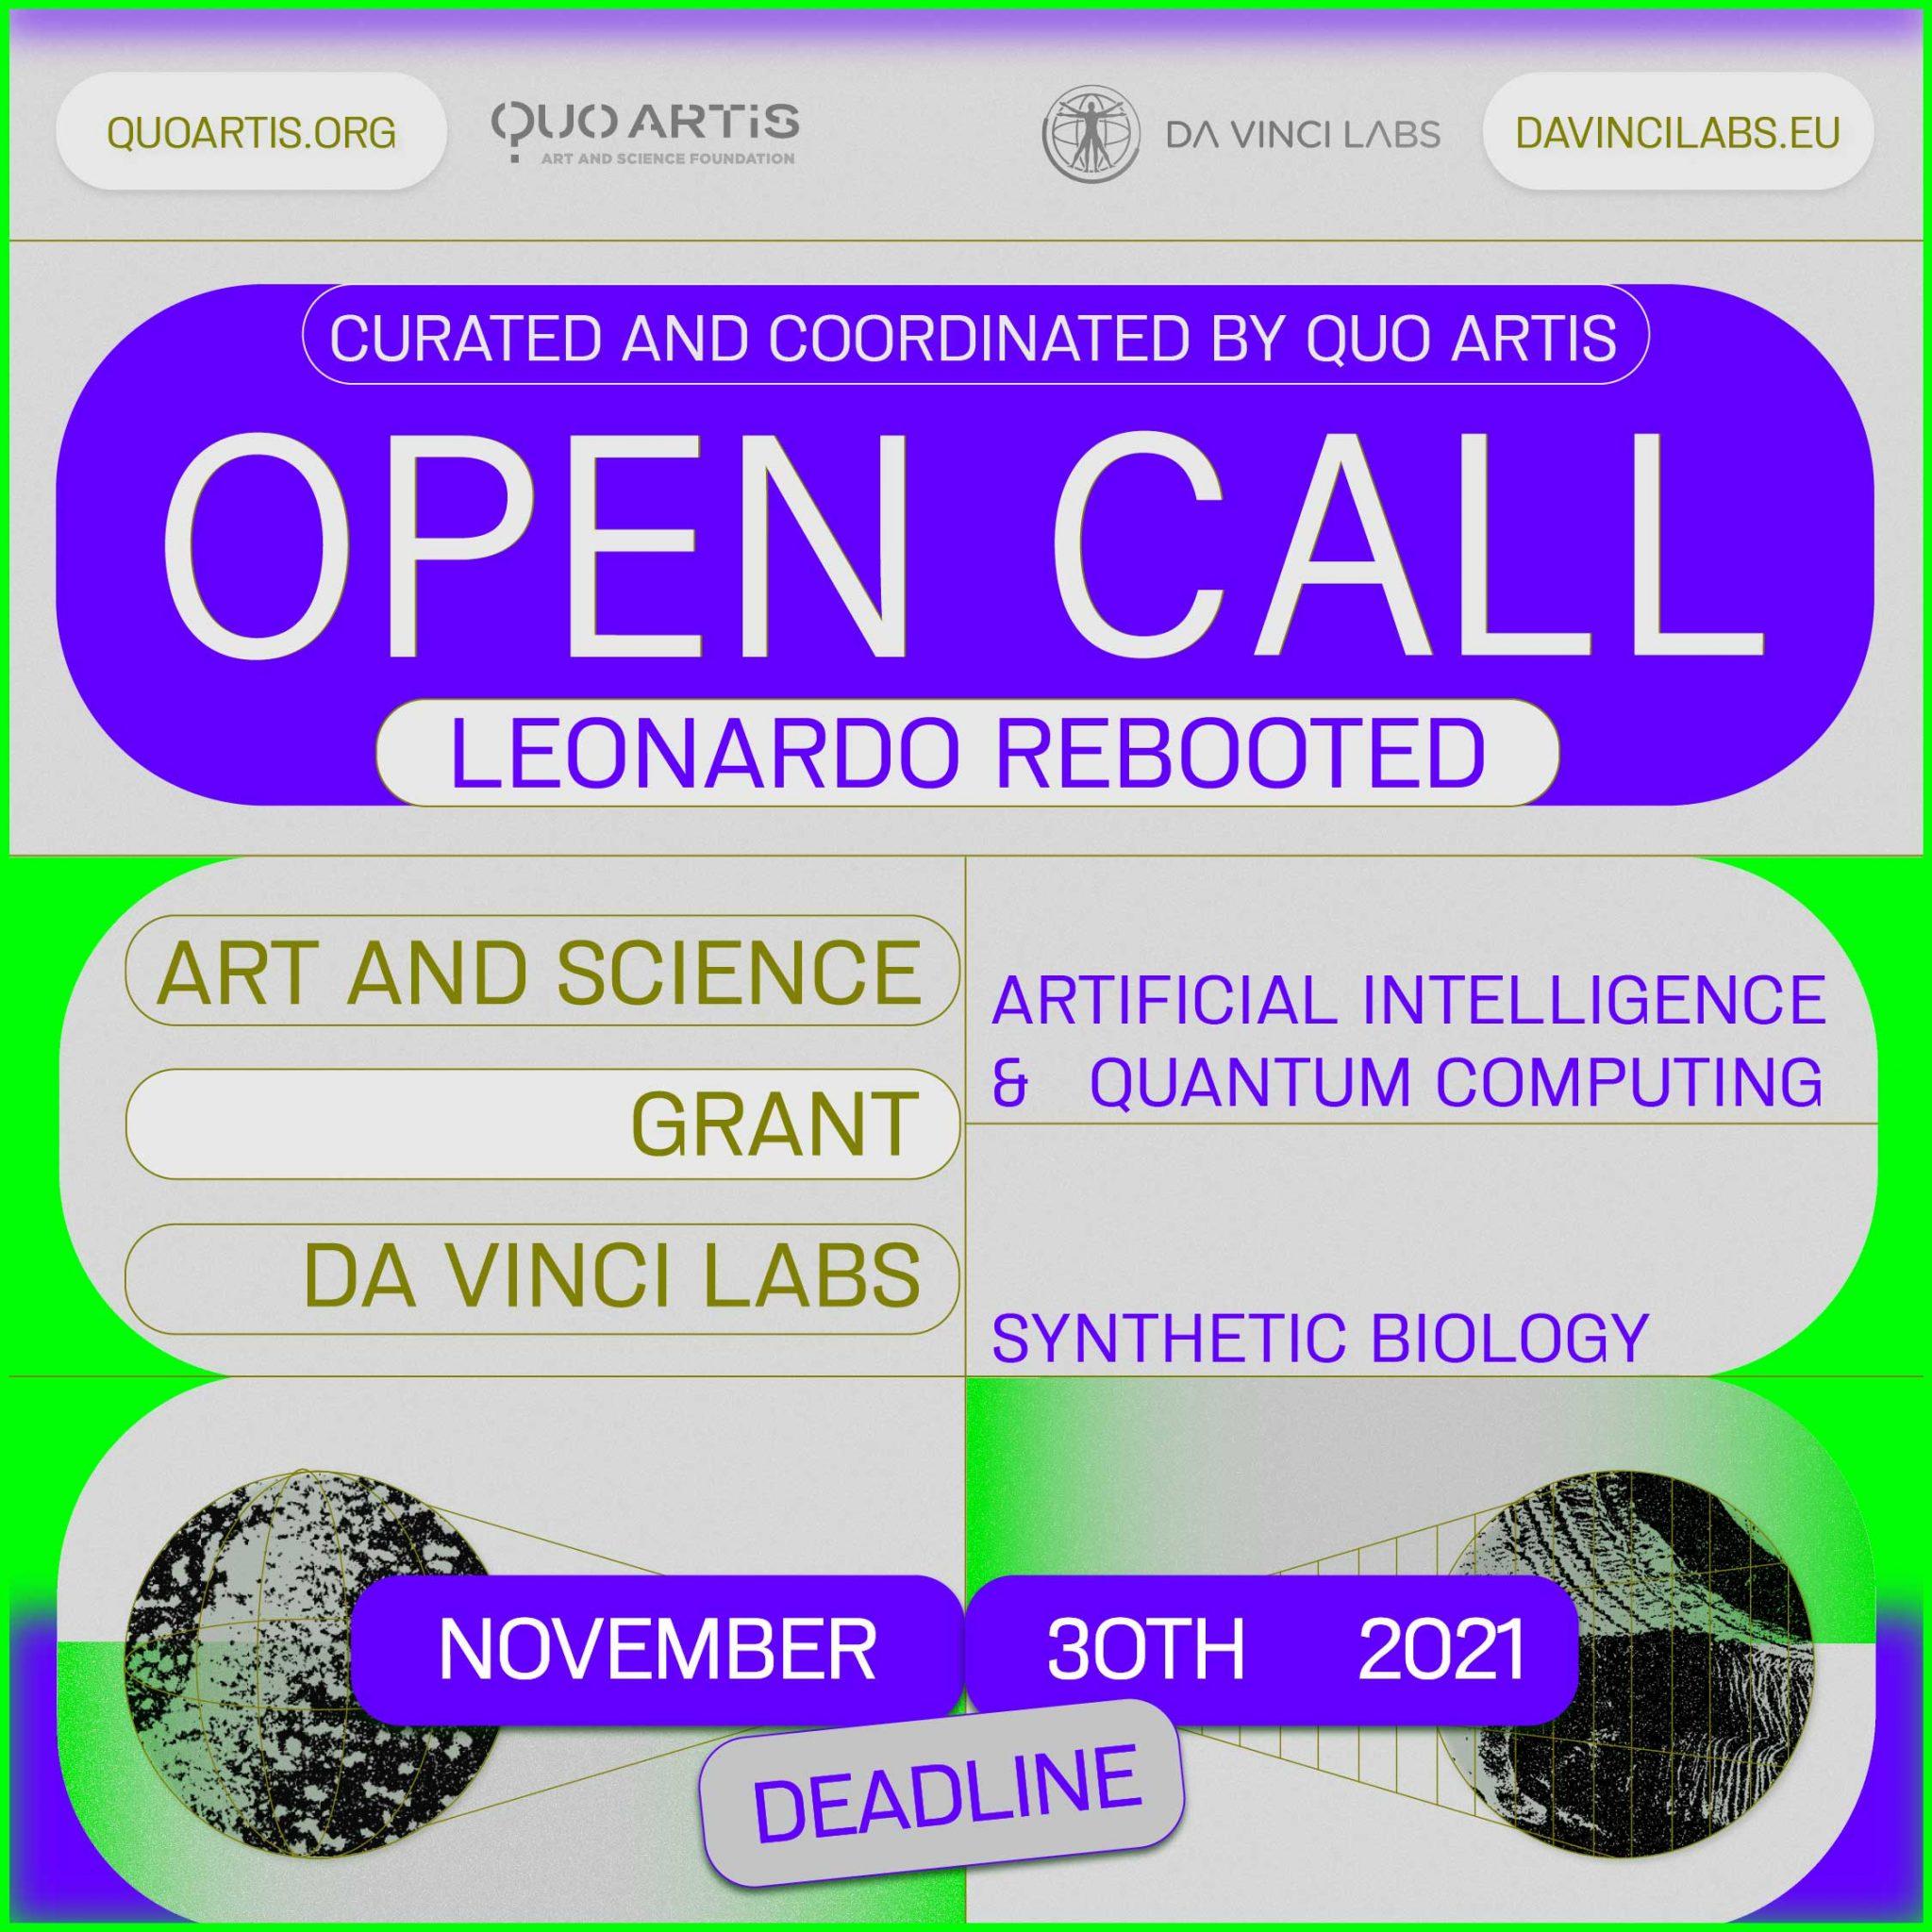 Quo Artis Open Call for Leonardo Davinci